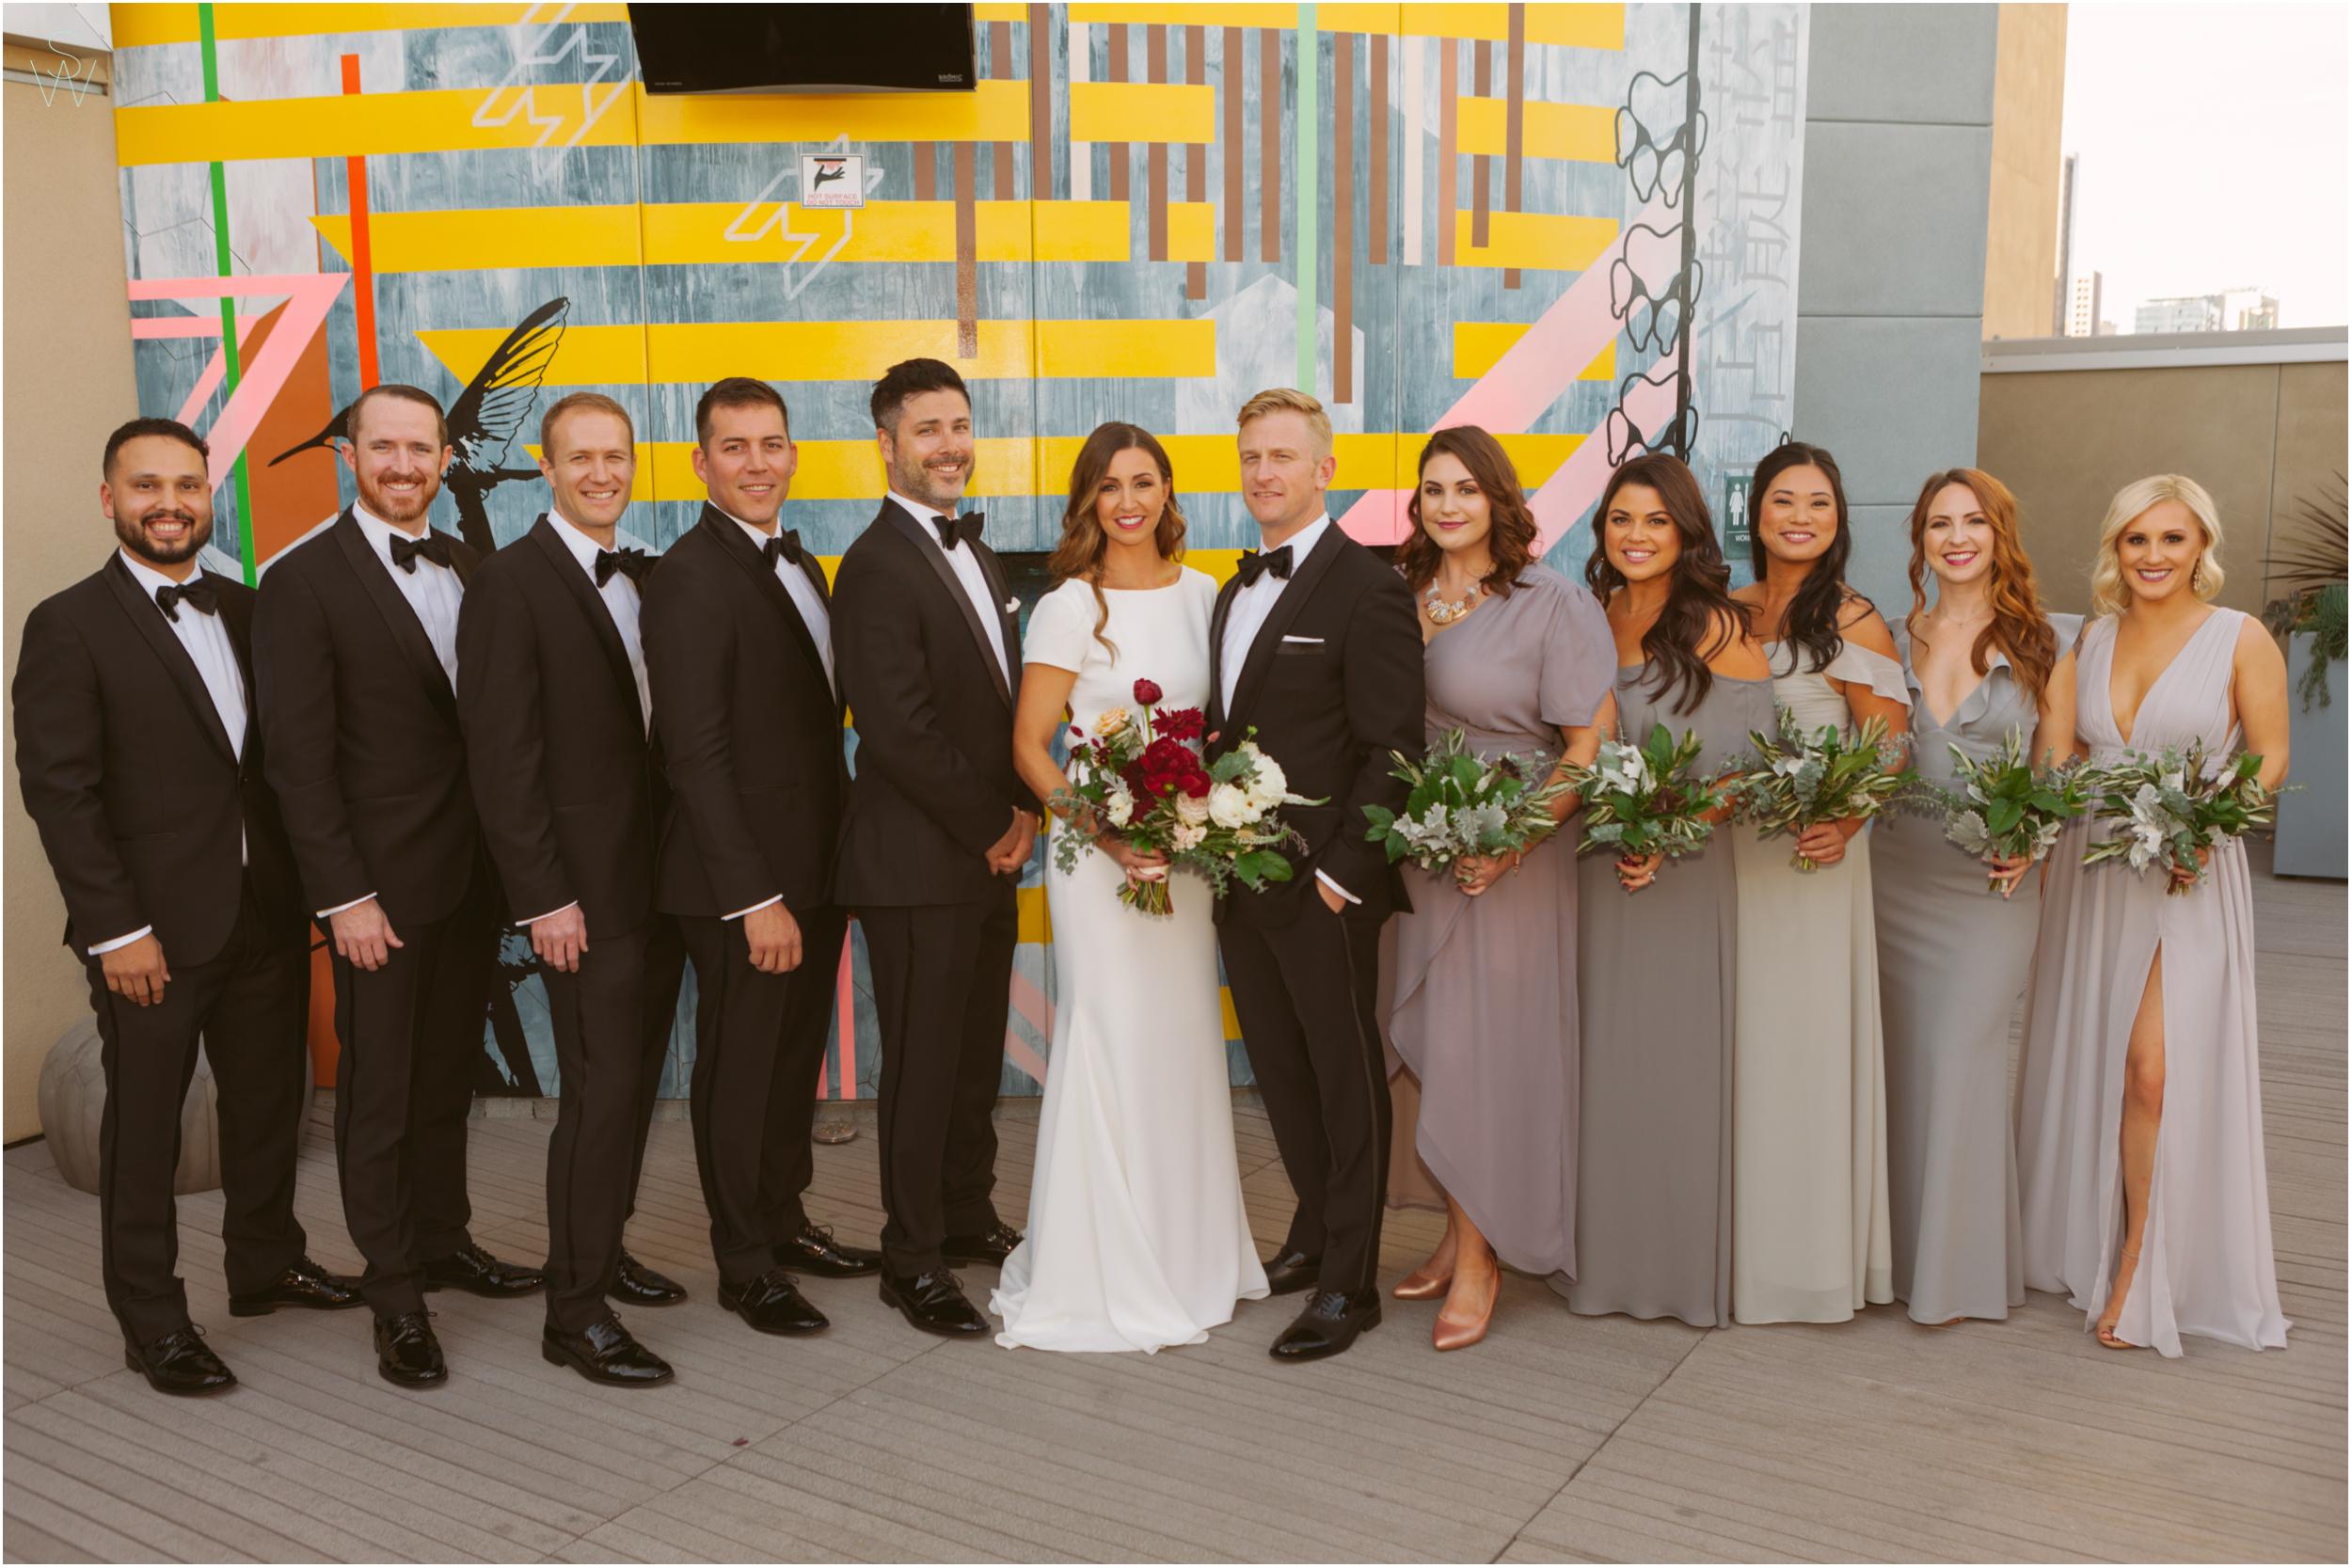 130THE.UNDERGROUND.ELEPHANT.wedding.photography.shewanders.JPG